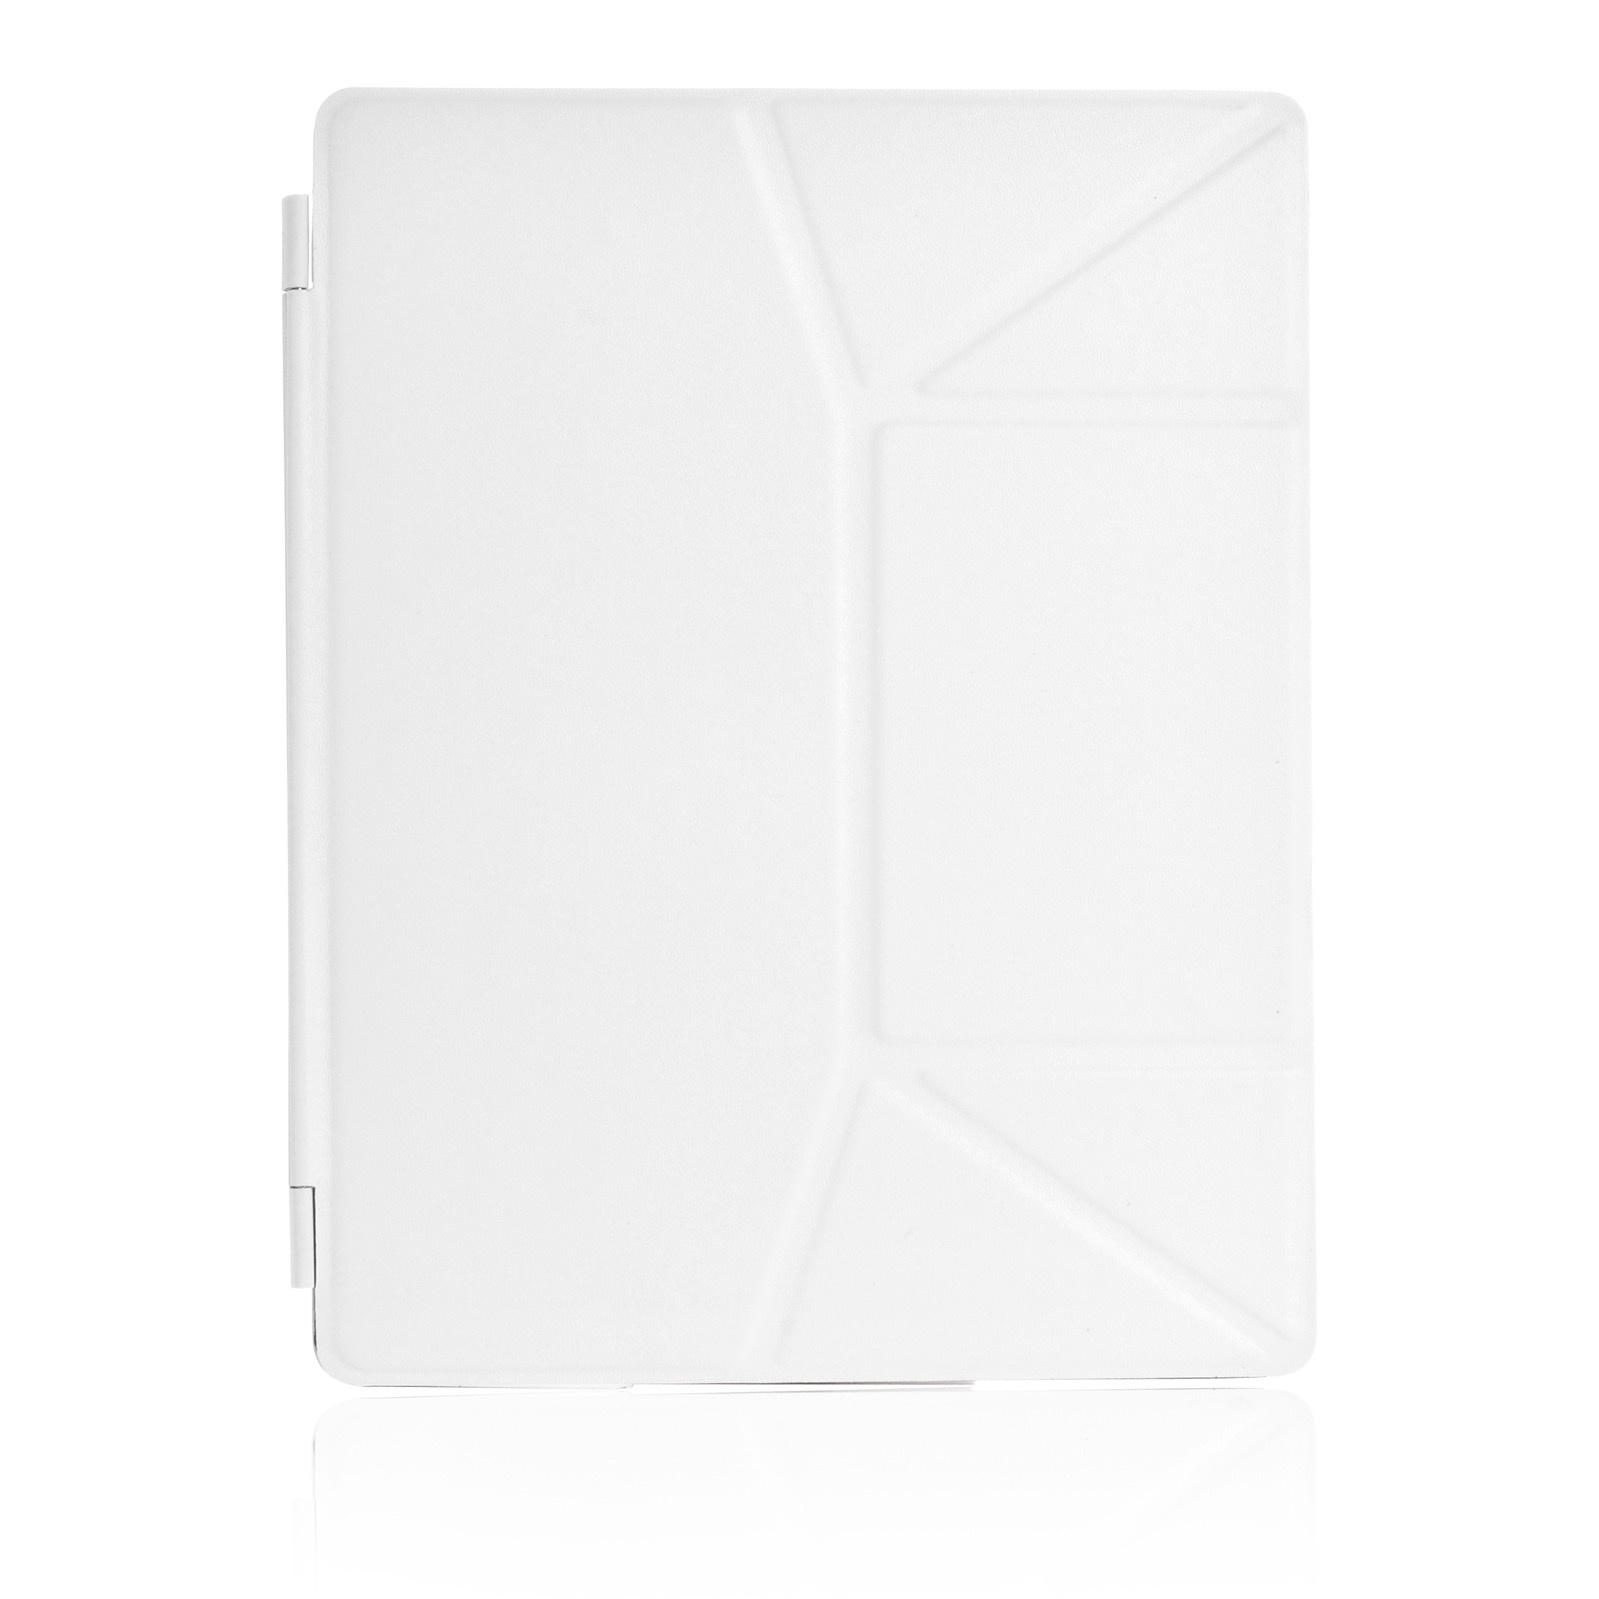 Чехол для планшета iNeez Smart эко кожа обложка 370073 для Apple iPad 2/3/4, белый